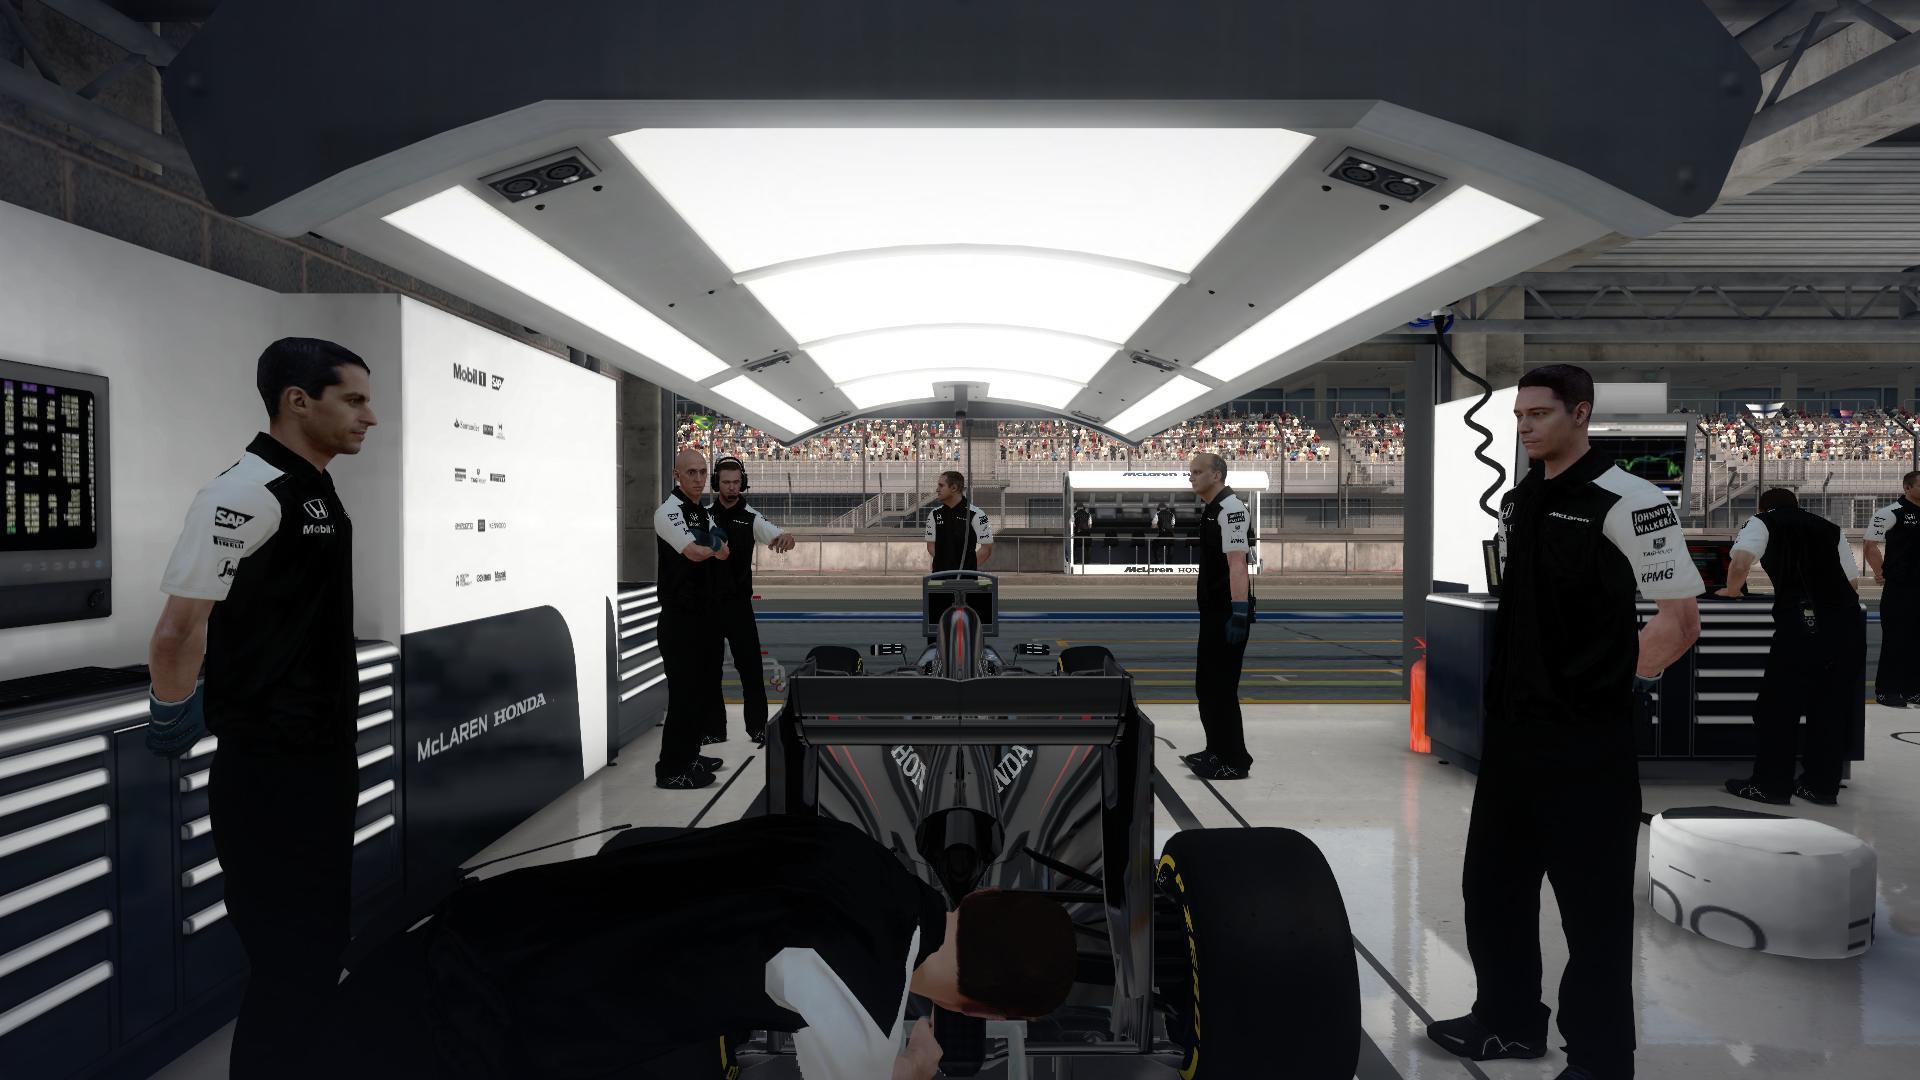 F1_2015 2015-05-30 19-27-35-12.jpg